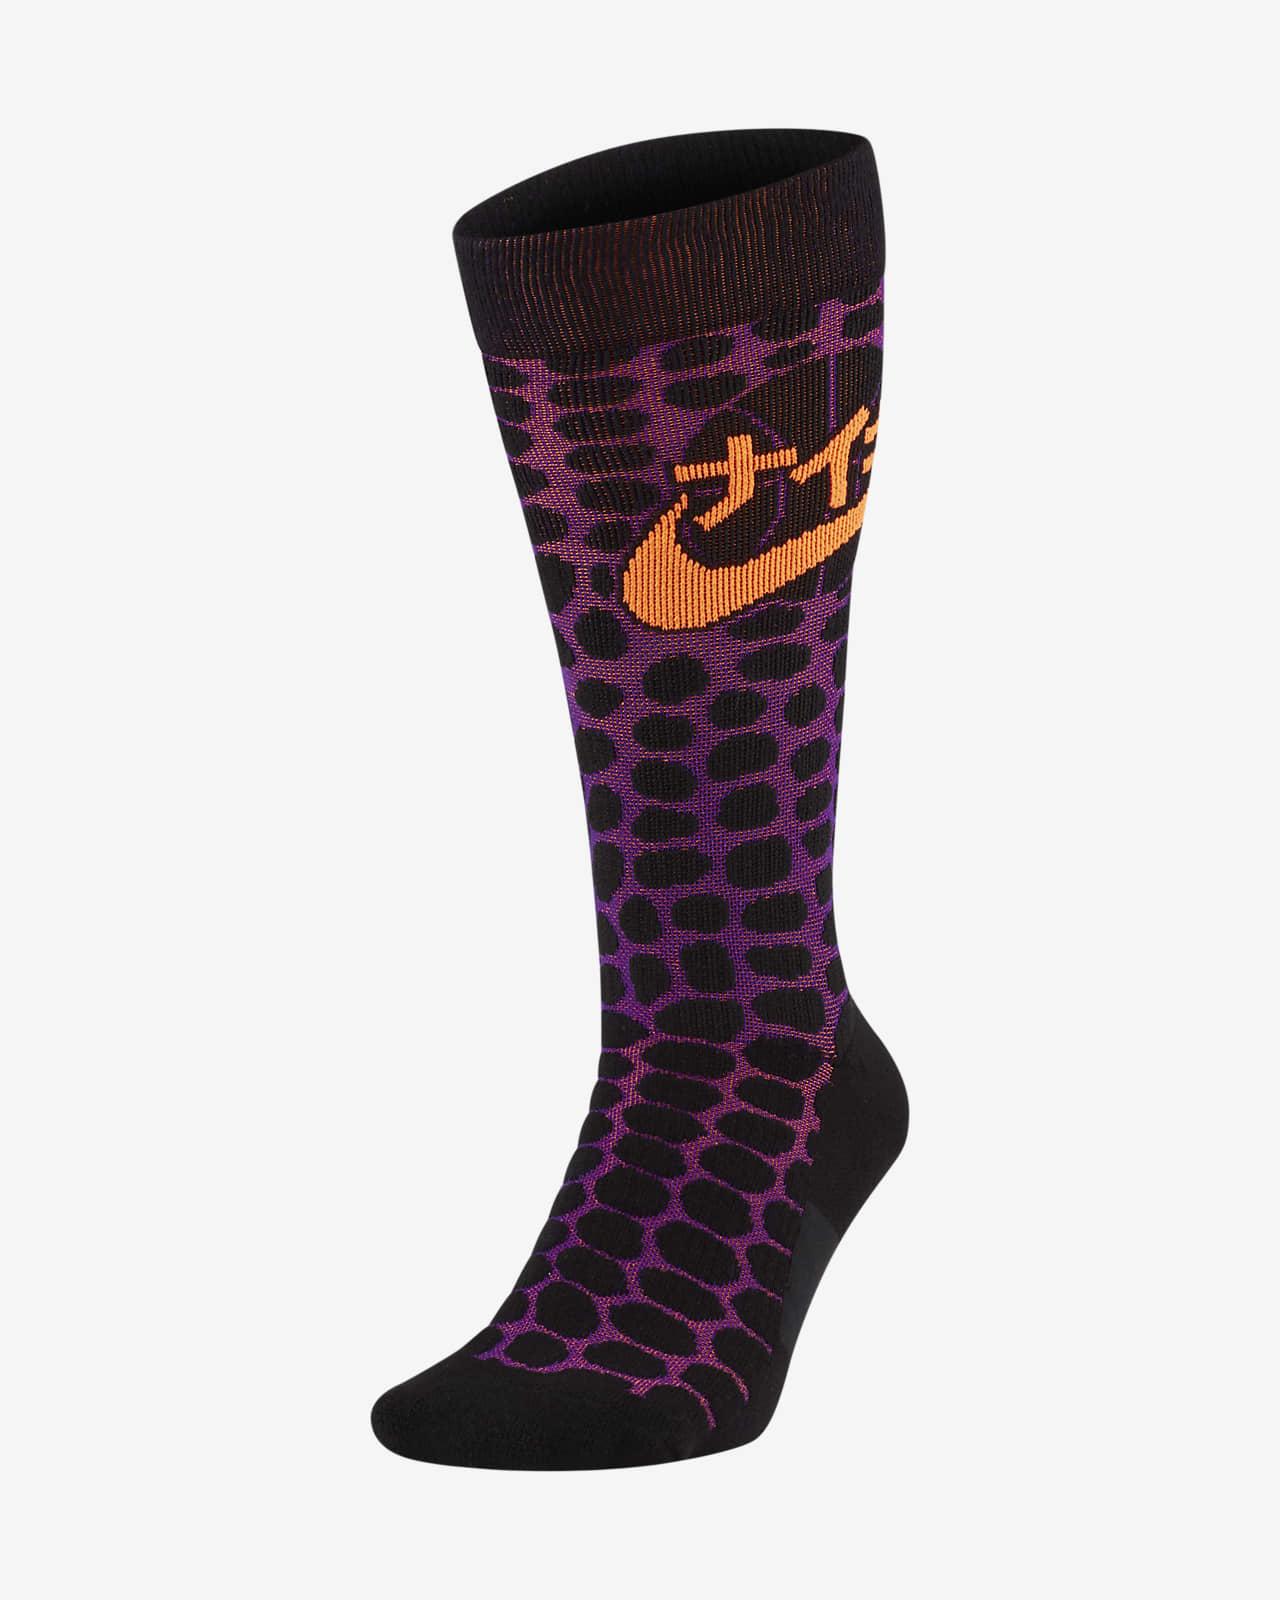 Nike SNKR SOX Basketball-Crew-Socken